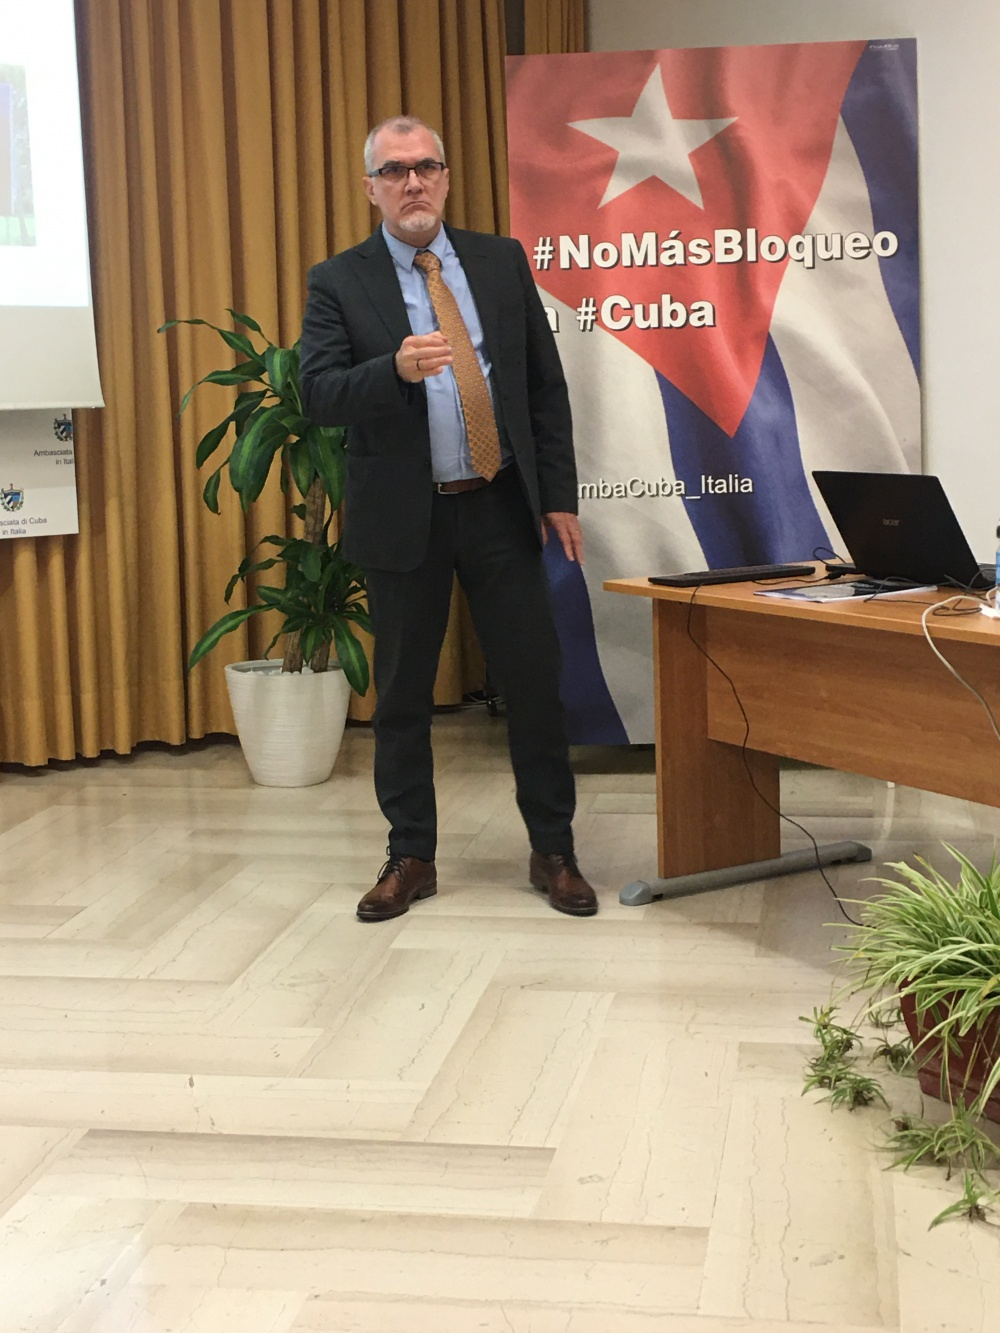 L'ambasciatore cubano in Italia, Josè Carlos Rodriguez Ruiz